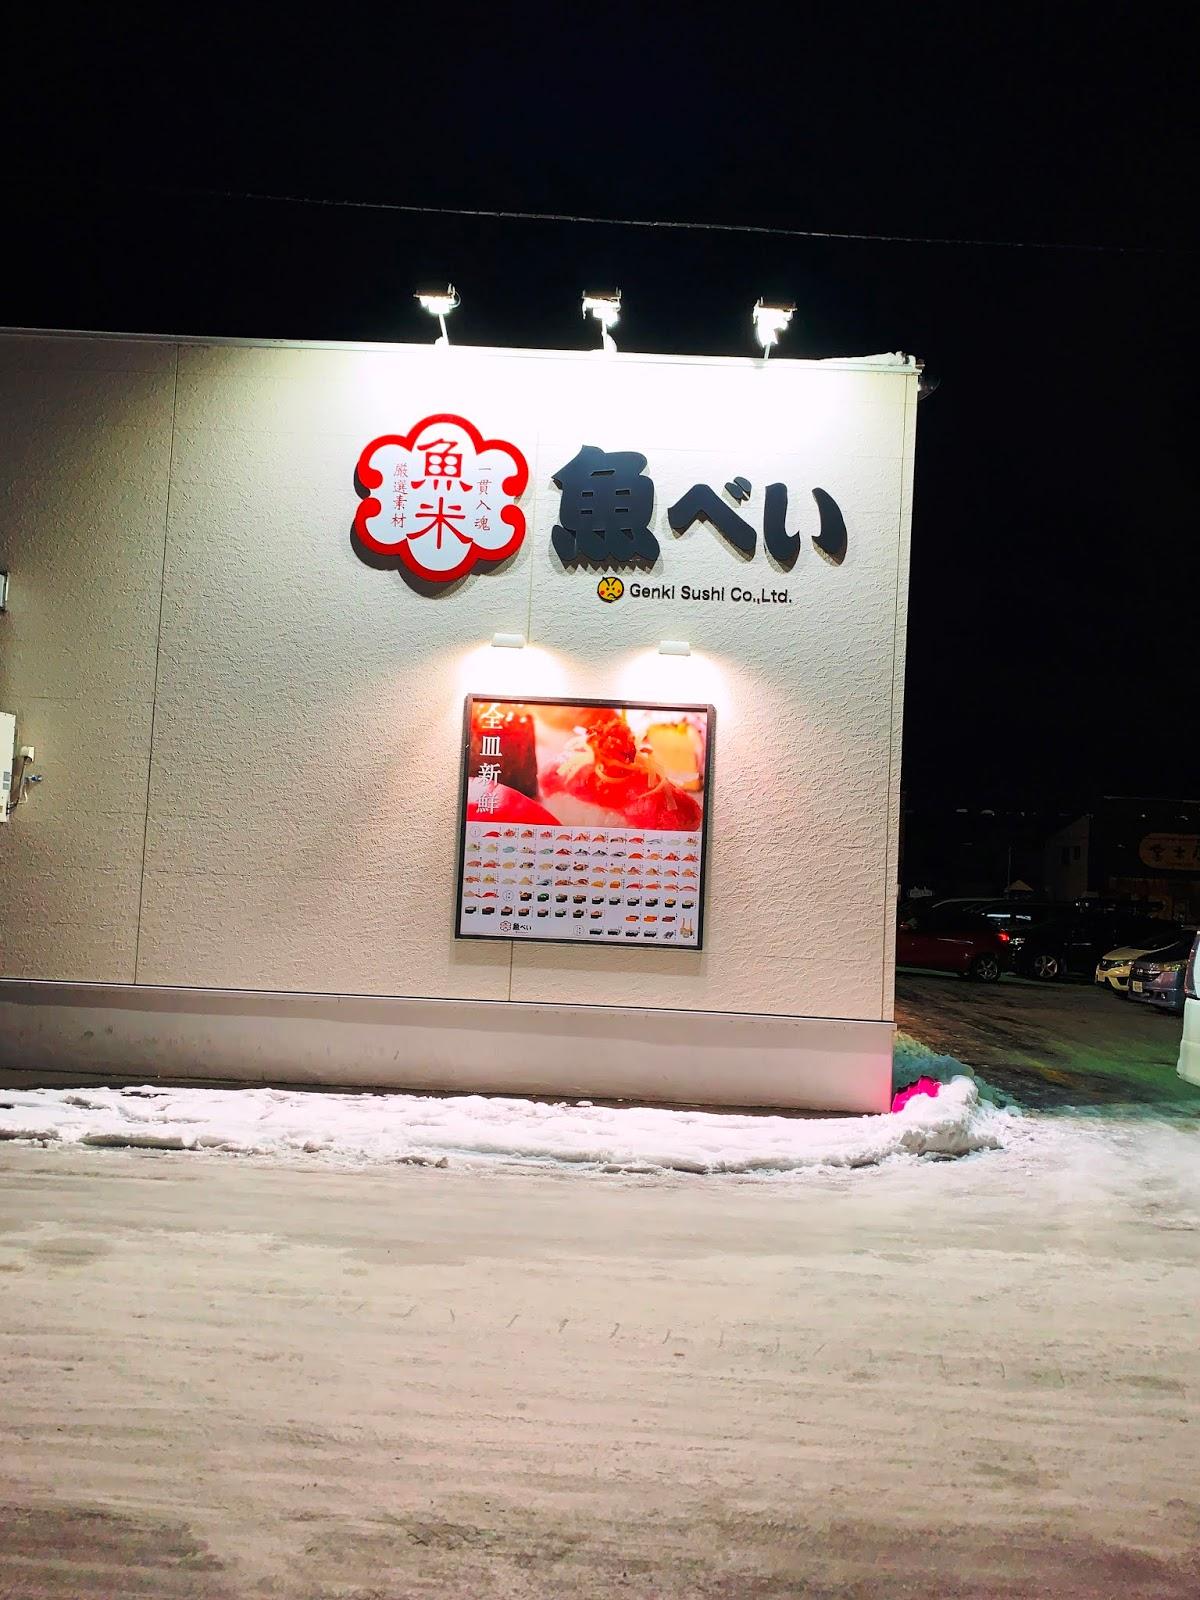 UOBEI 魚米(東光店)